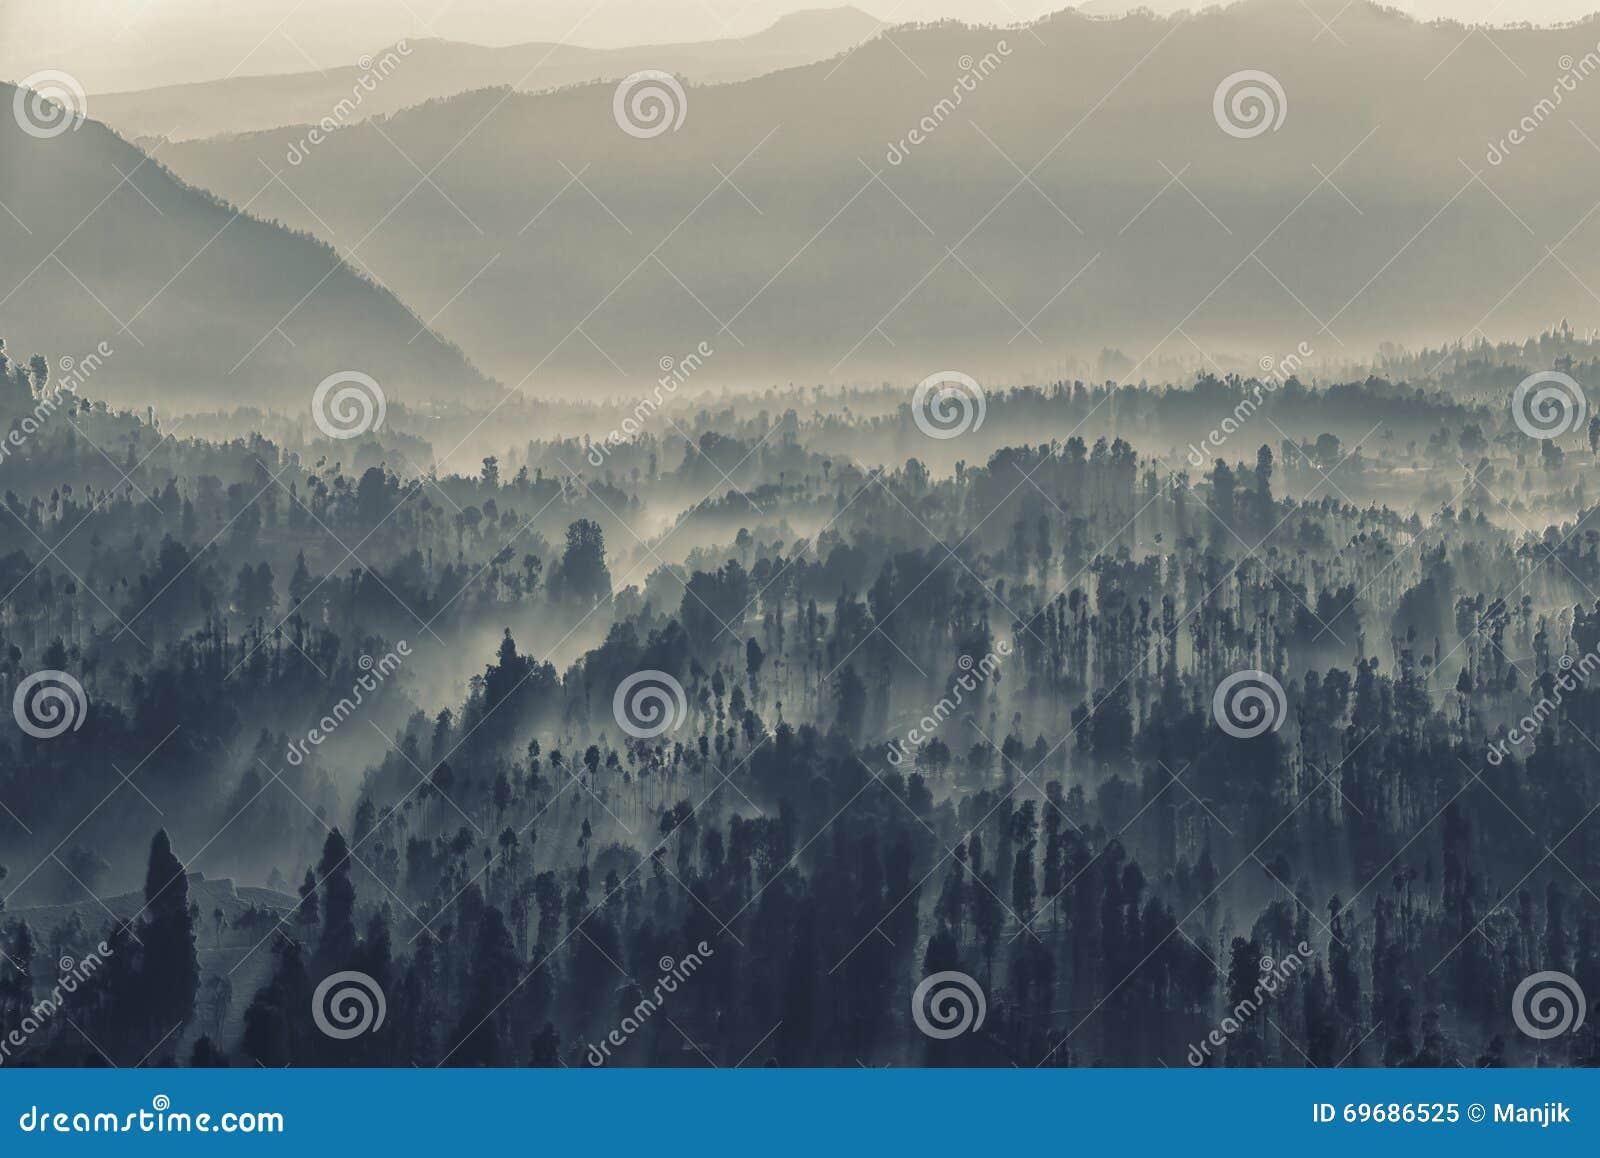 Bromo caldera in i dimman